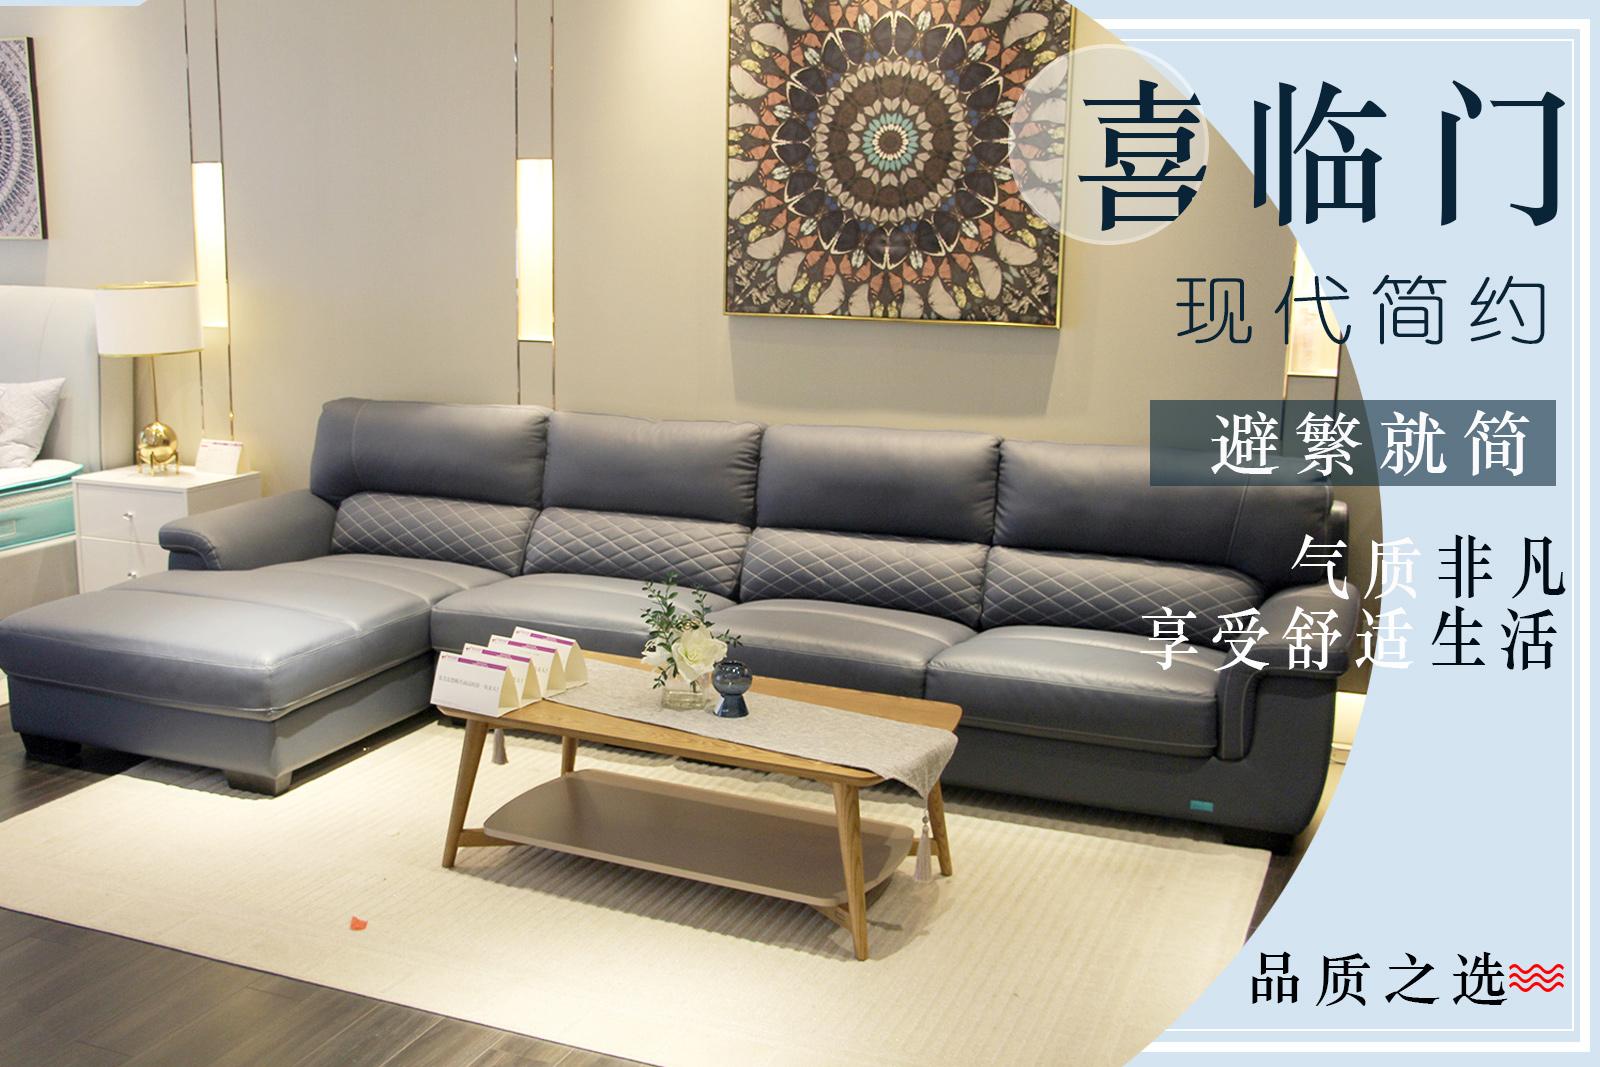 喜临门转角沙发 让居家生活更加称心如意